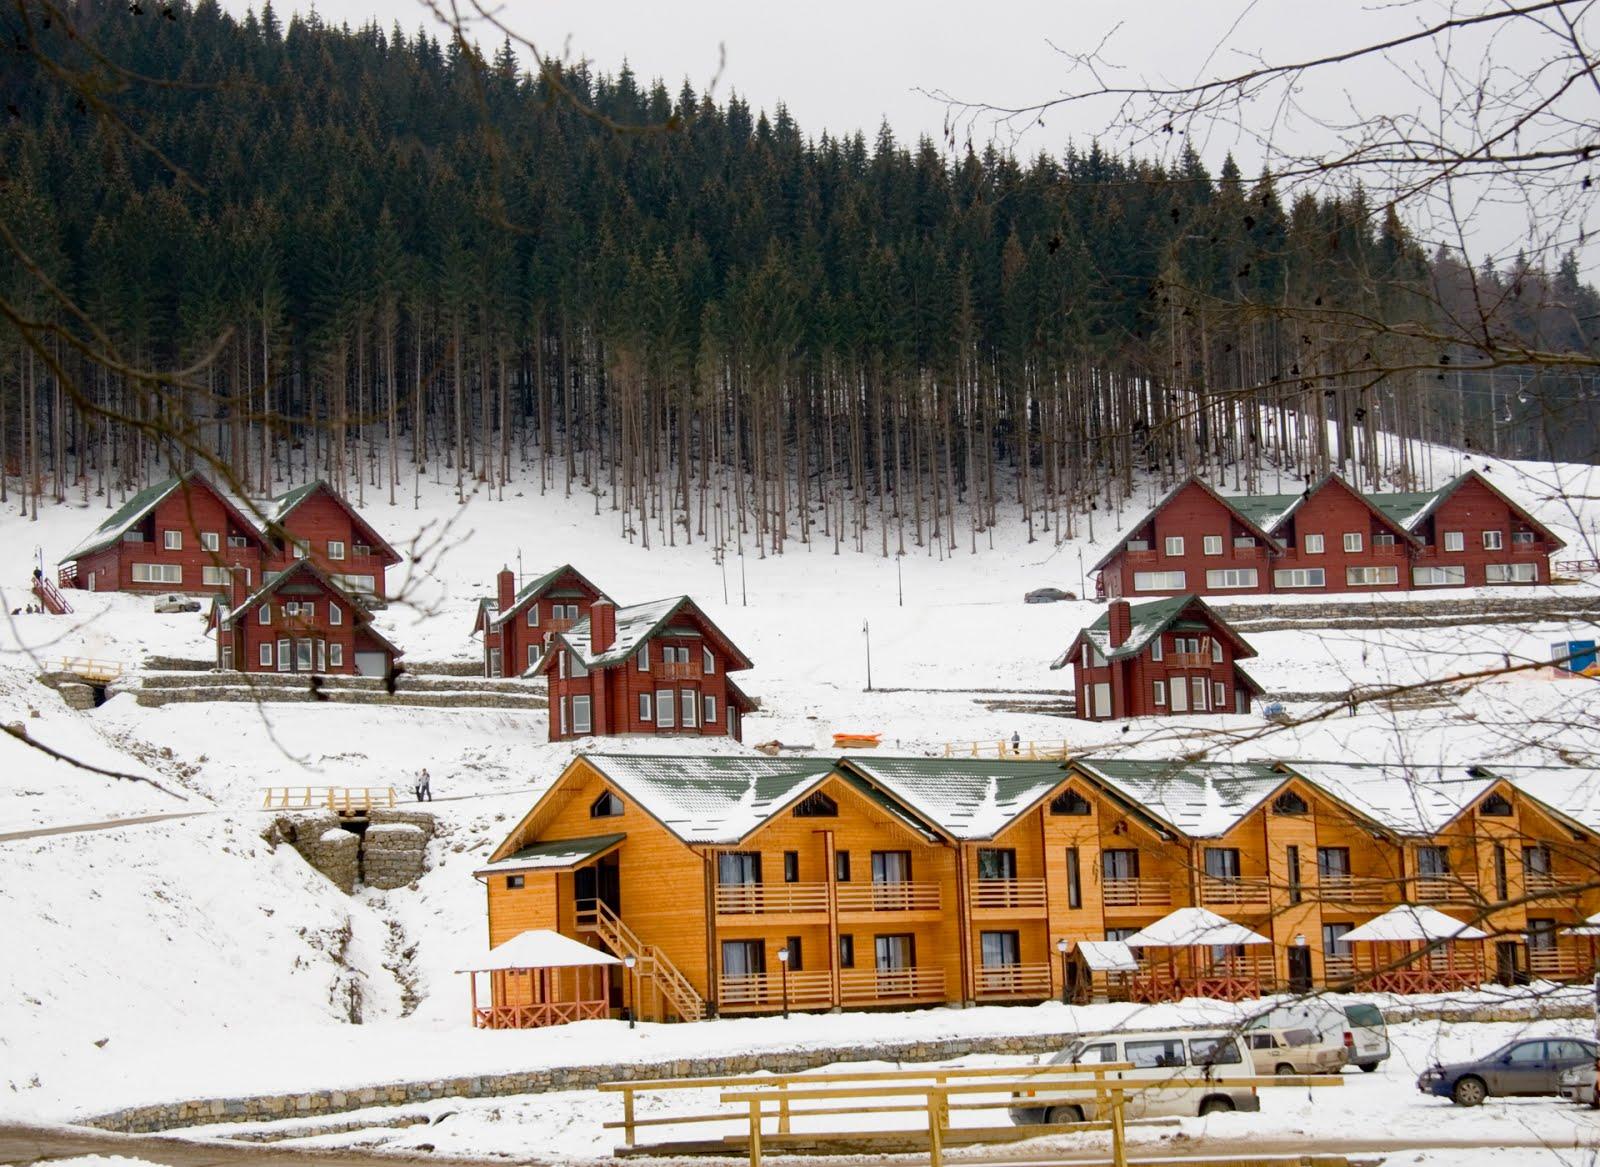 Im gene experience casitas de madera en el bosque en un paisaje nevado - Casitas en el bosque ...